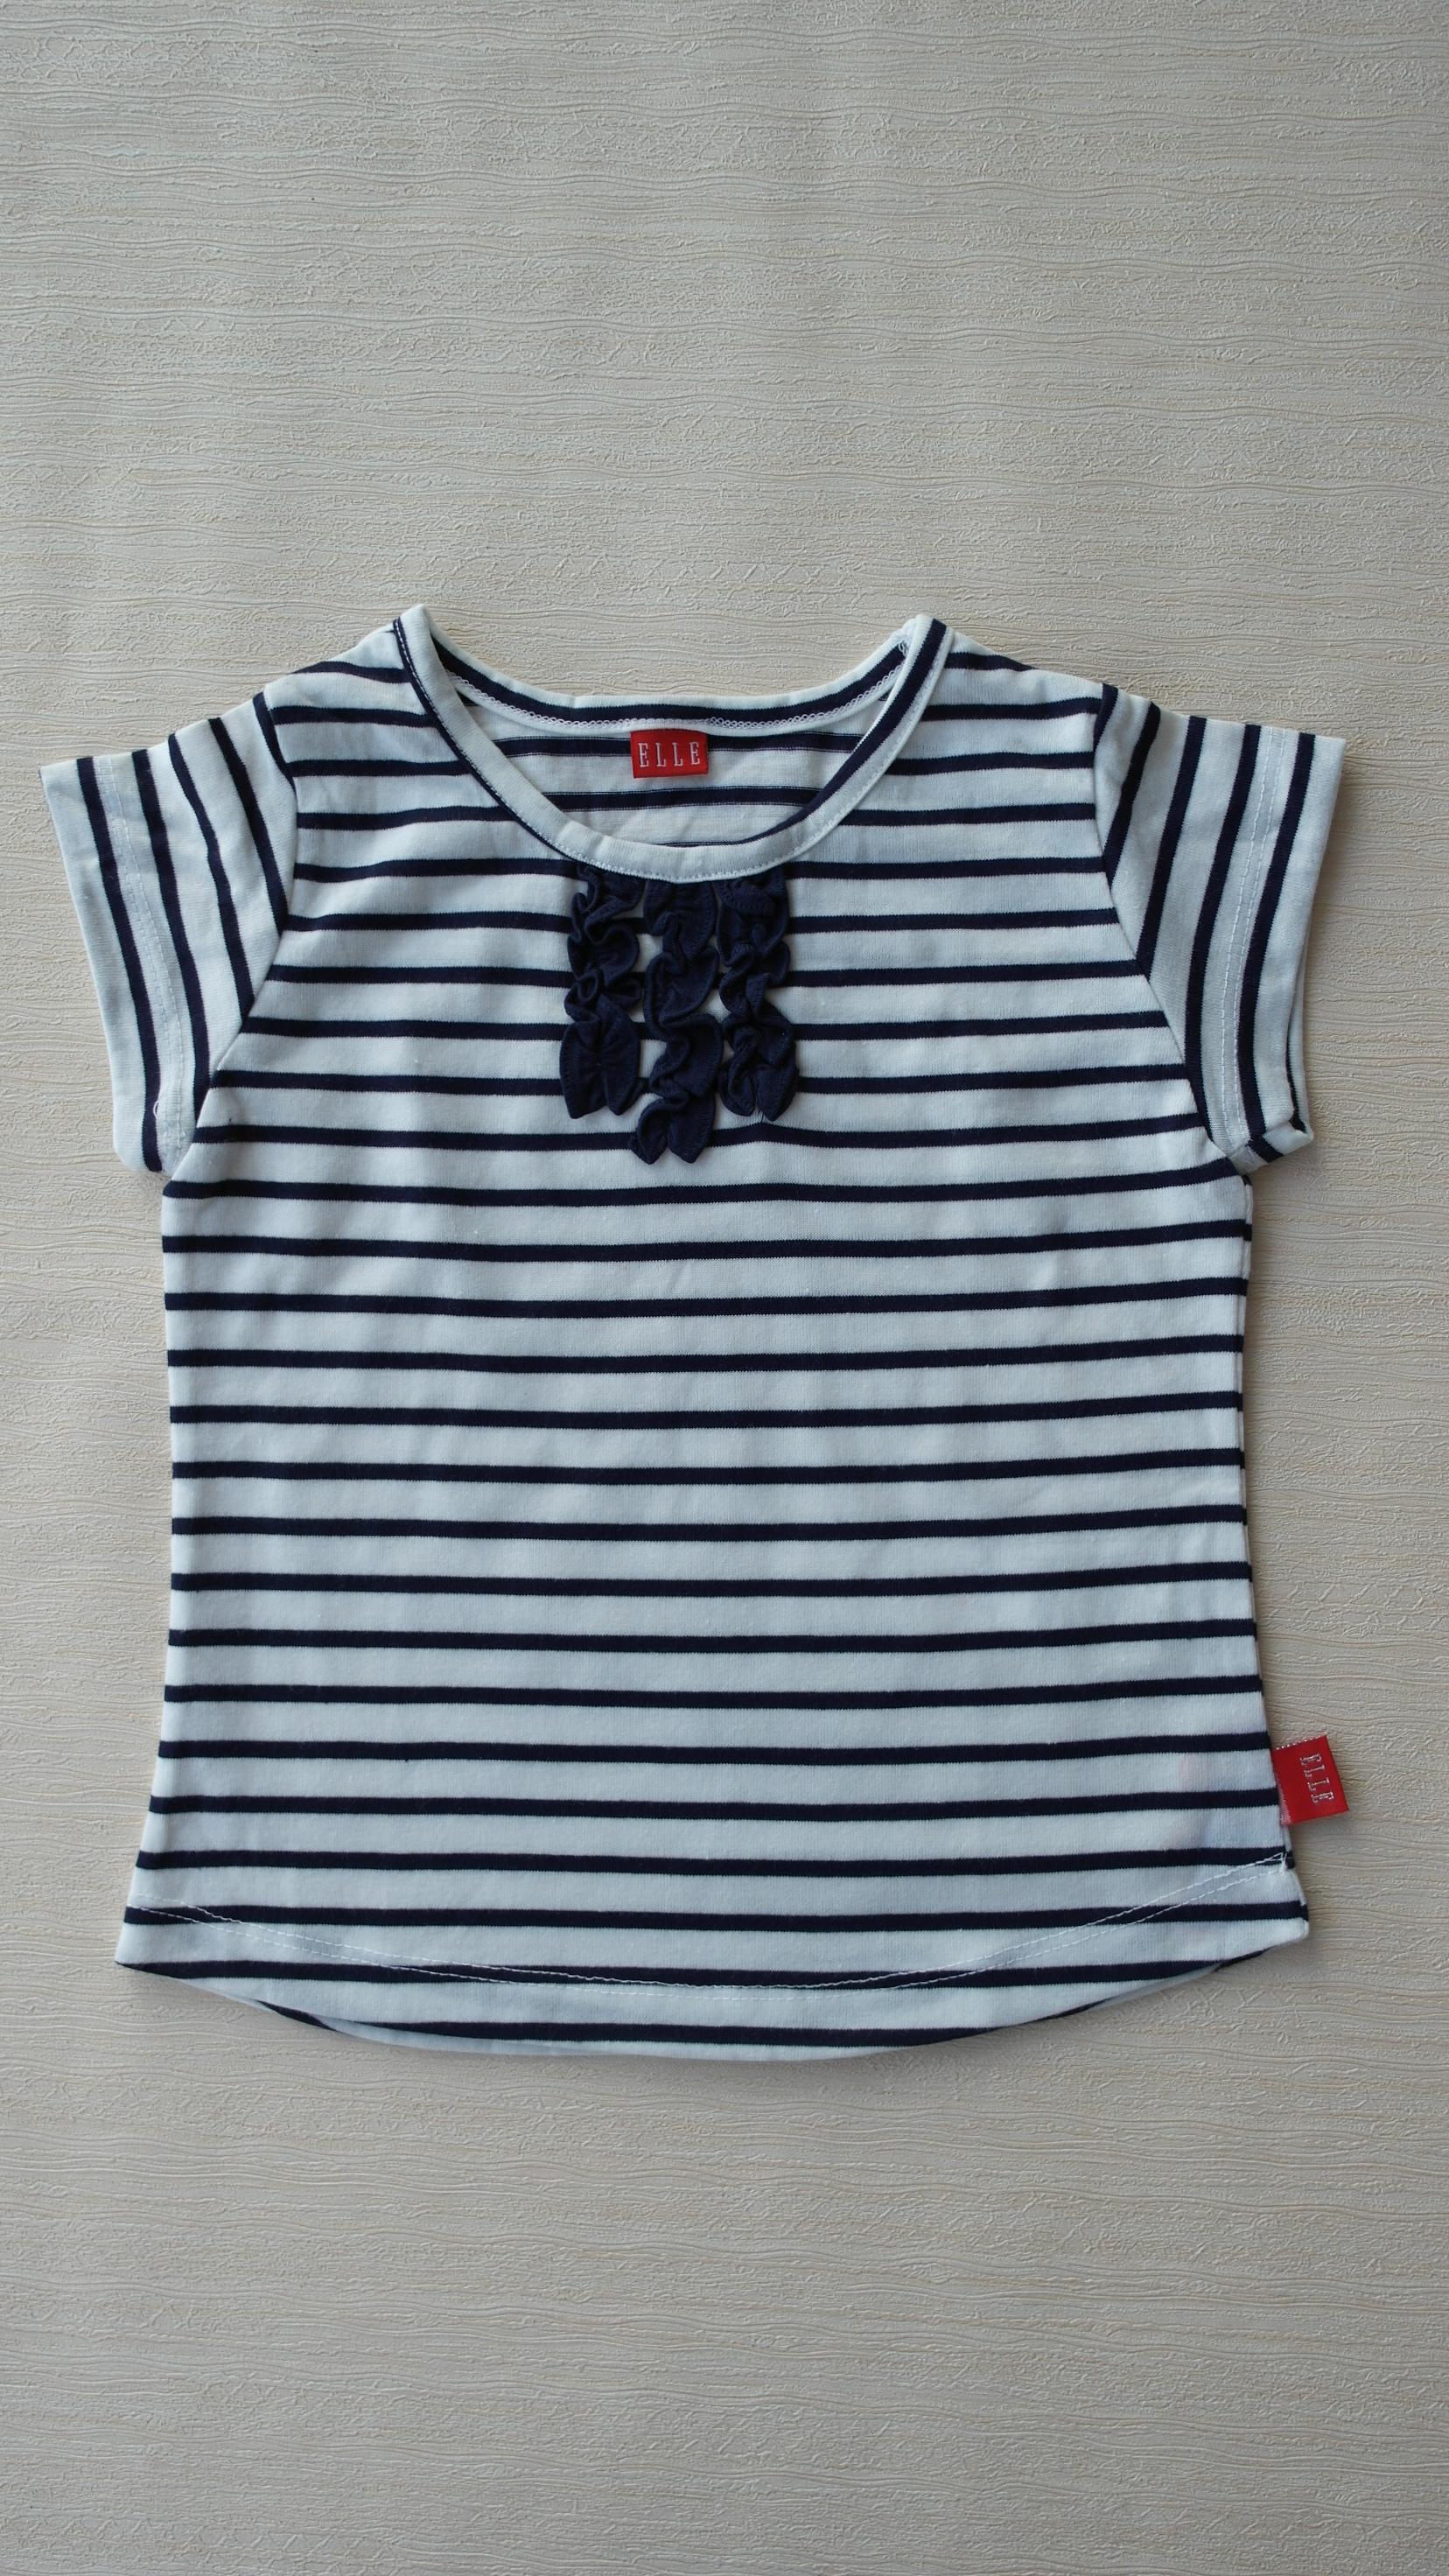 韩国阿卡邦旗下basic elle 品牌,女童圆领纯棉条纹T恤